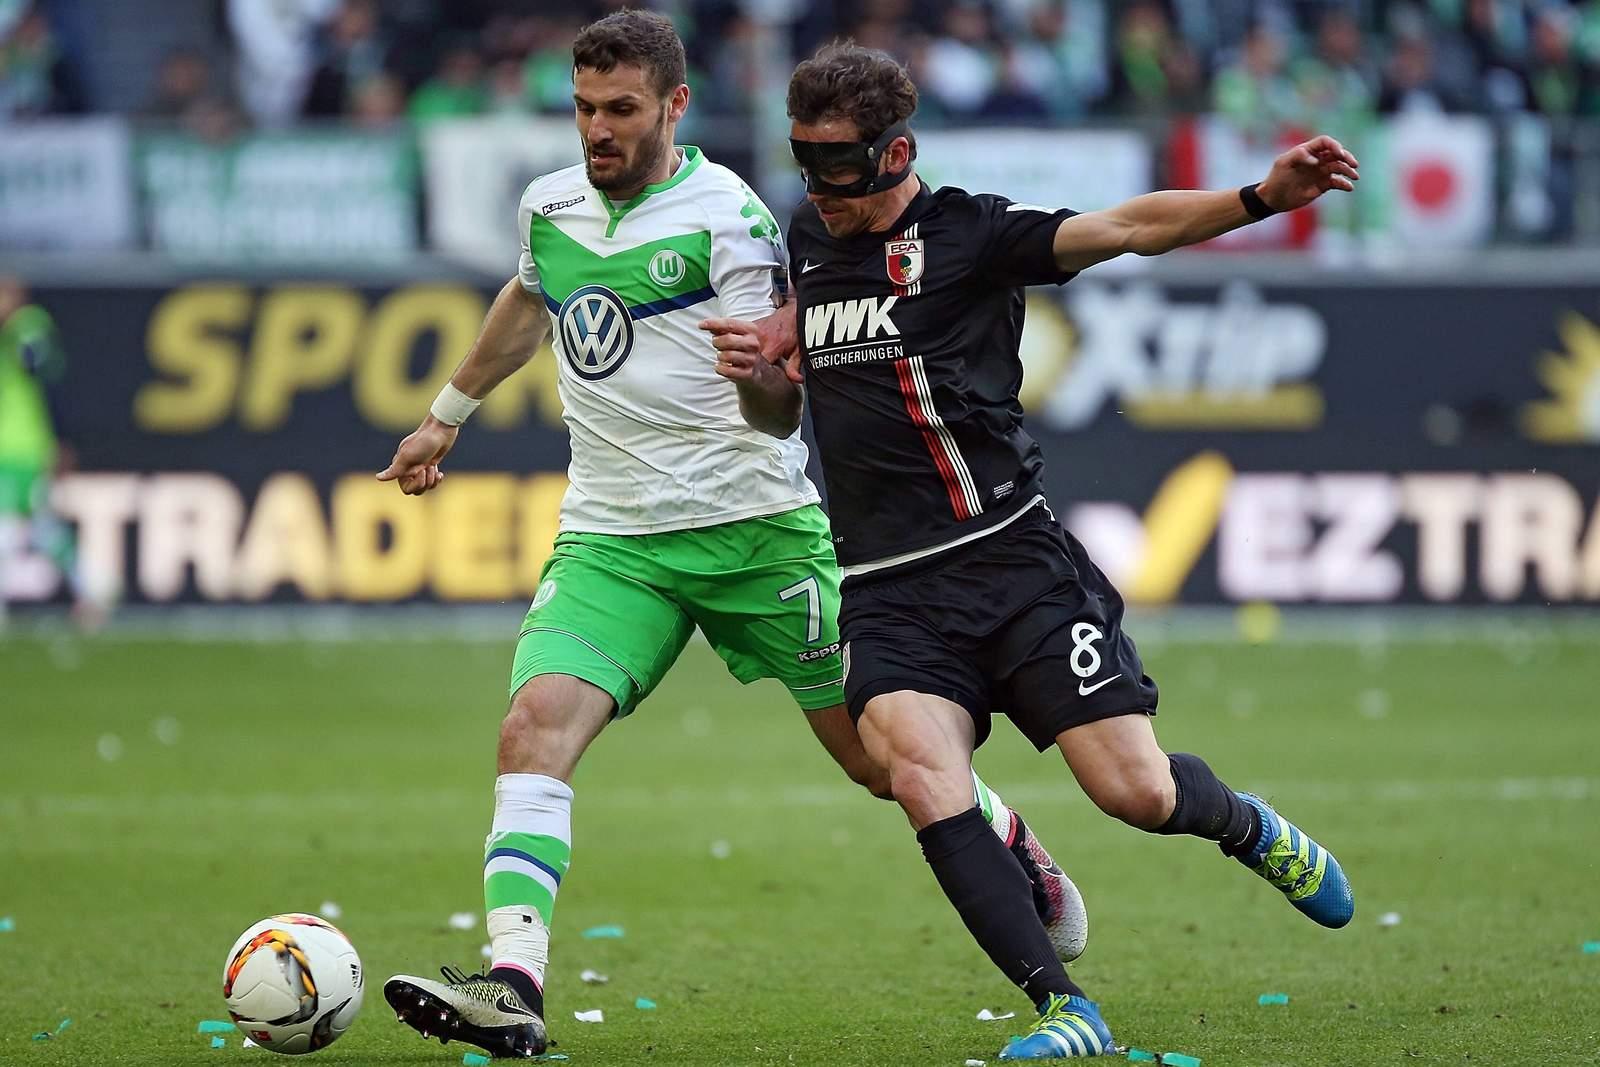 Setzt sich Caliguiri gegen Feulner durch? Jetzt auf Augsburg gegen Wolfsburg wetten